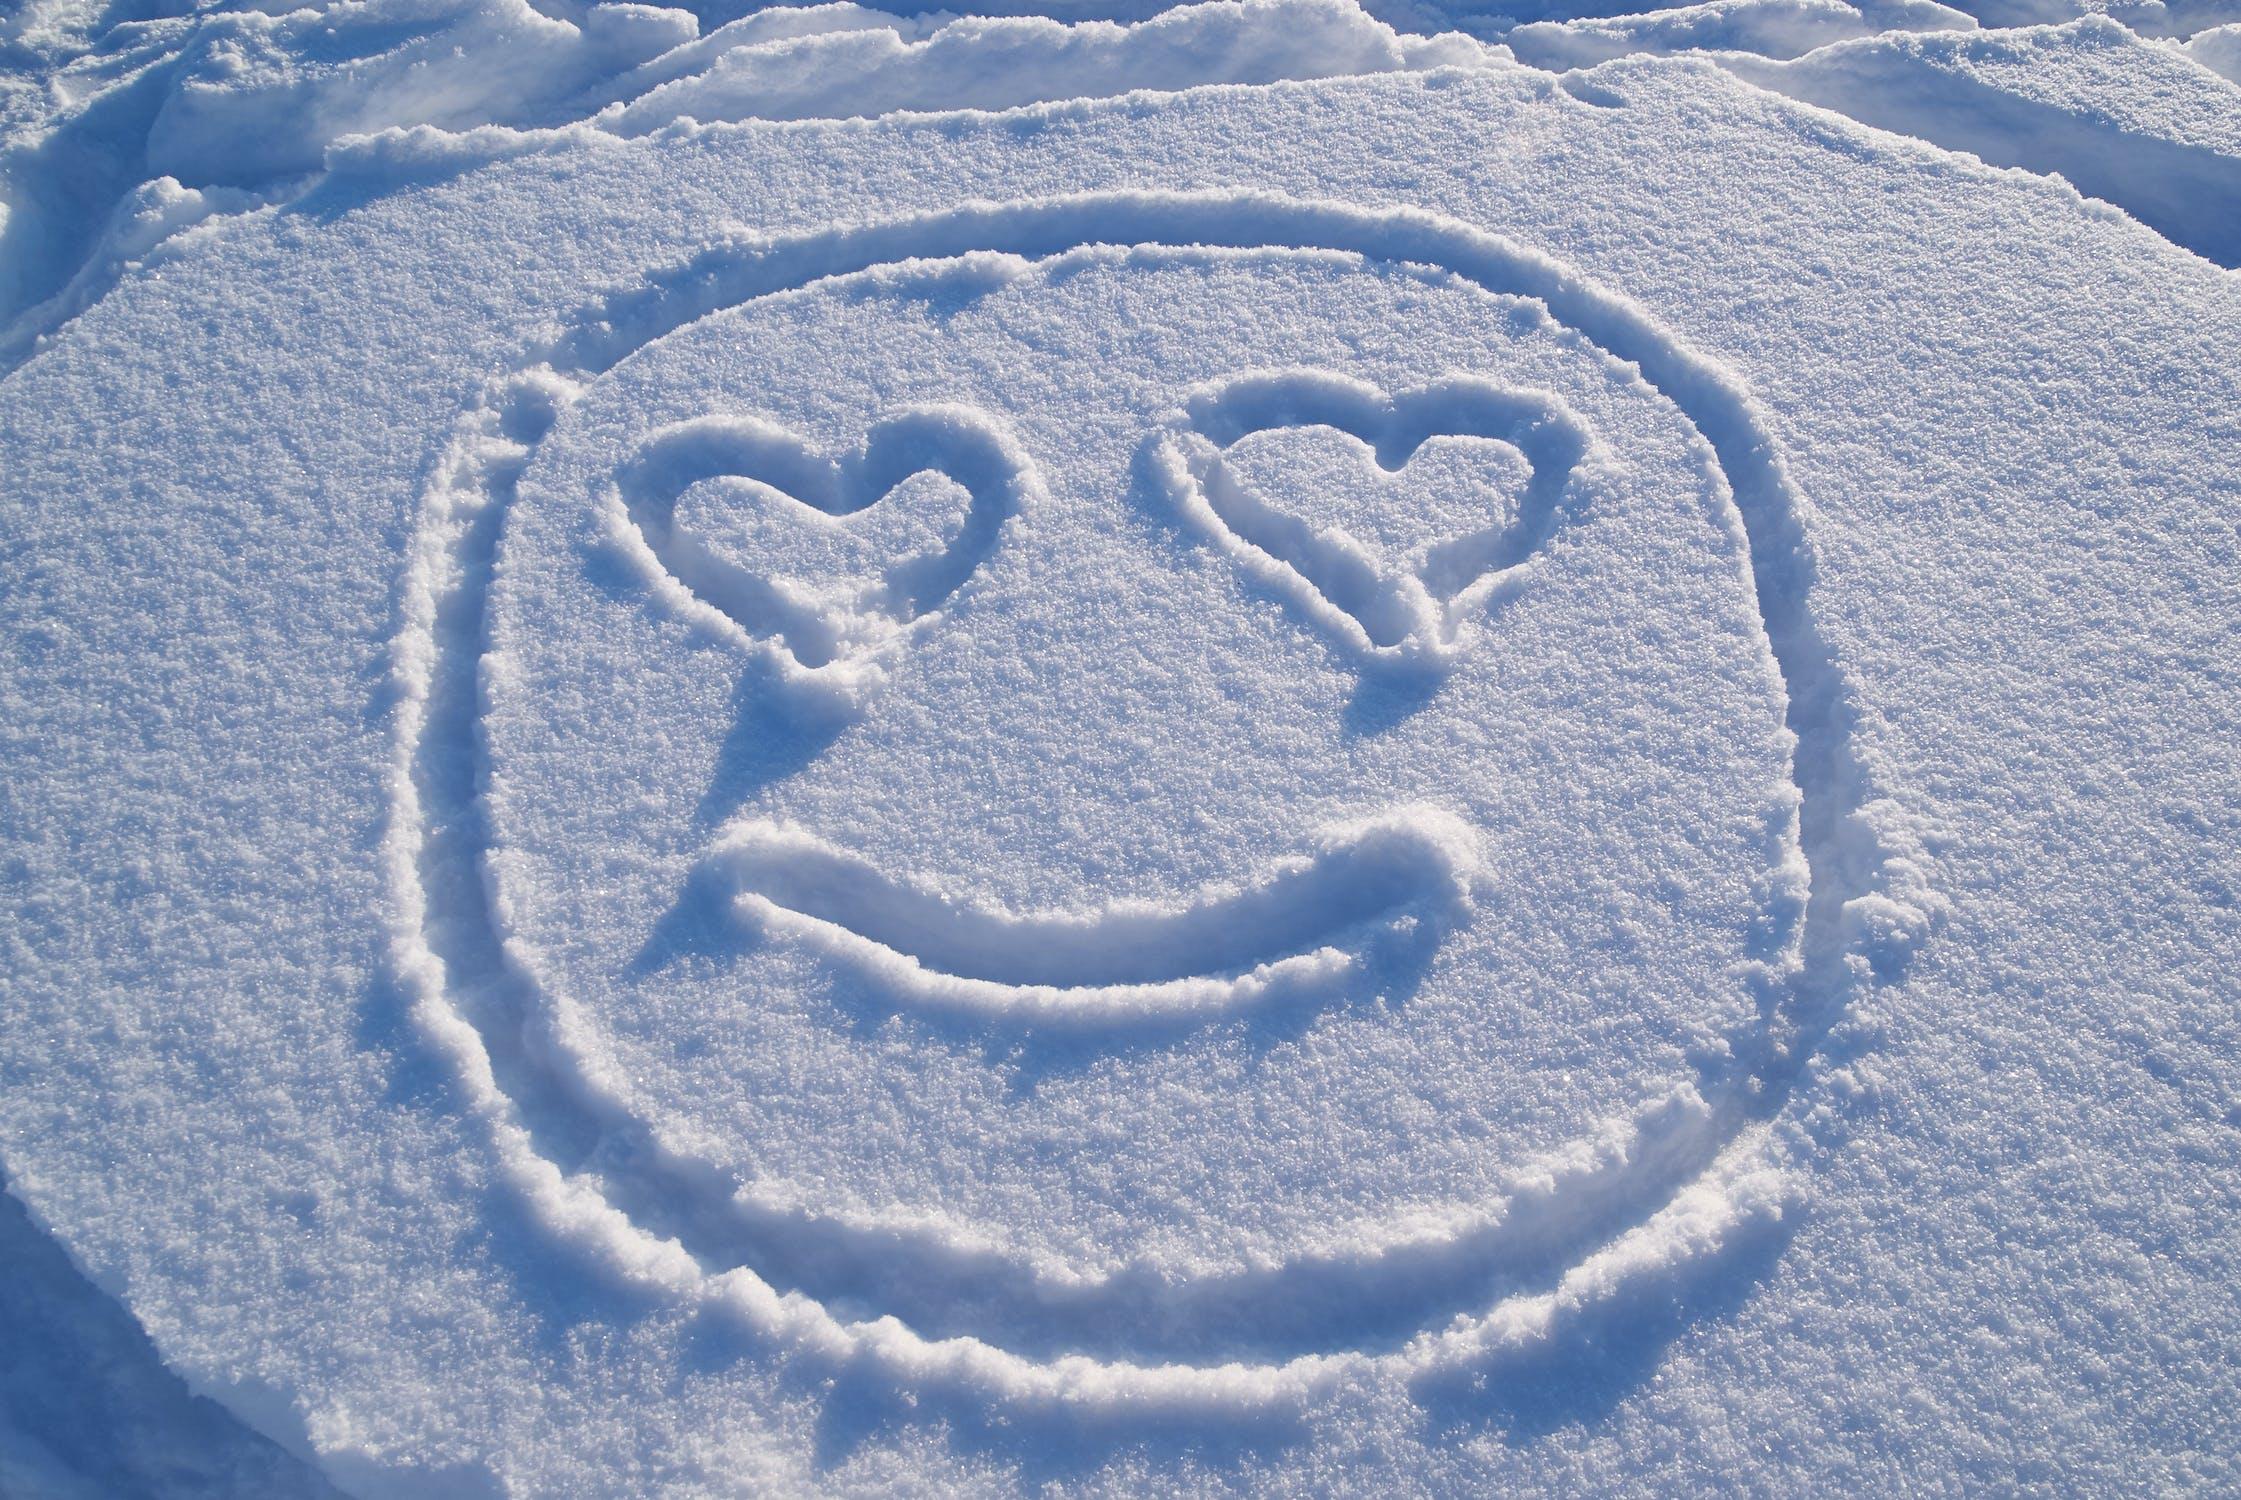 смайлики из снега картинки